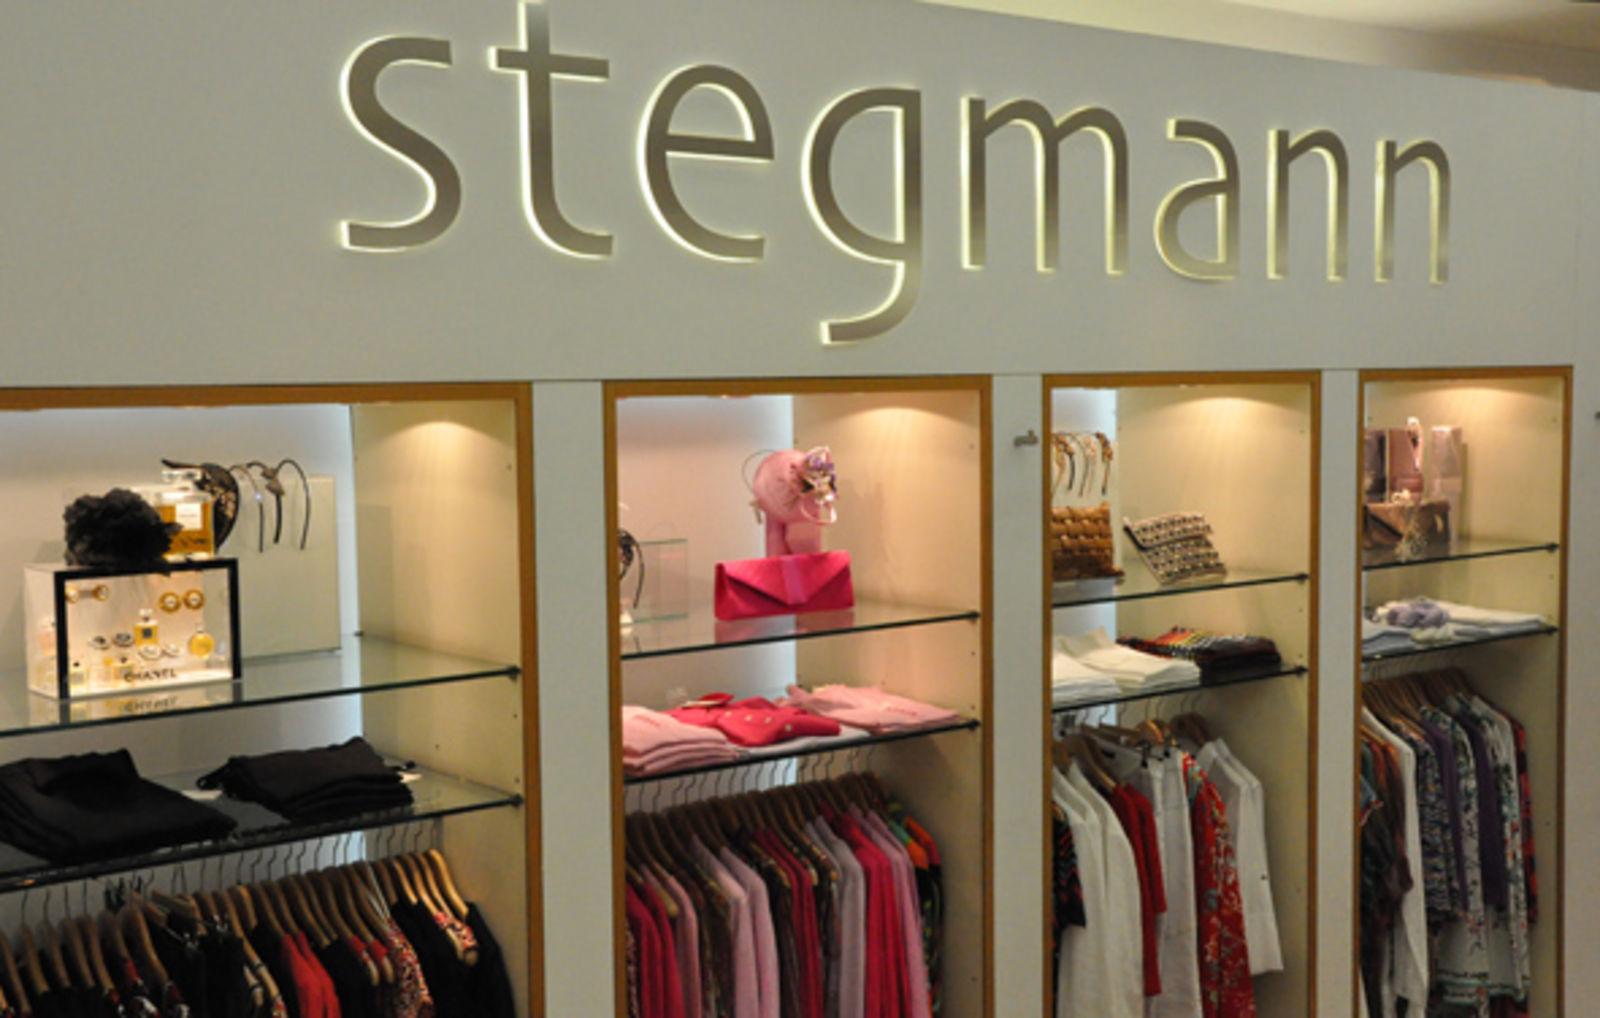 Stegmann mode & accessoires in Hamburg (Bild 5)